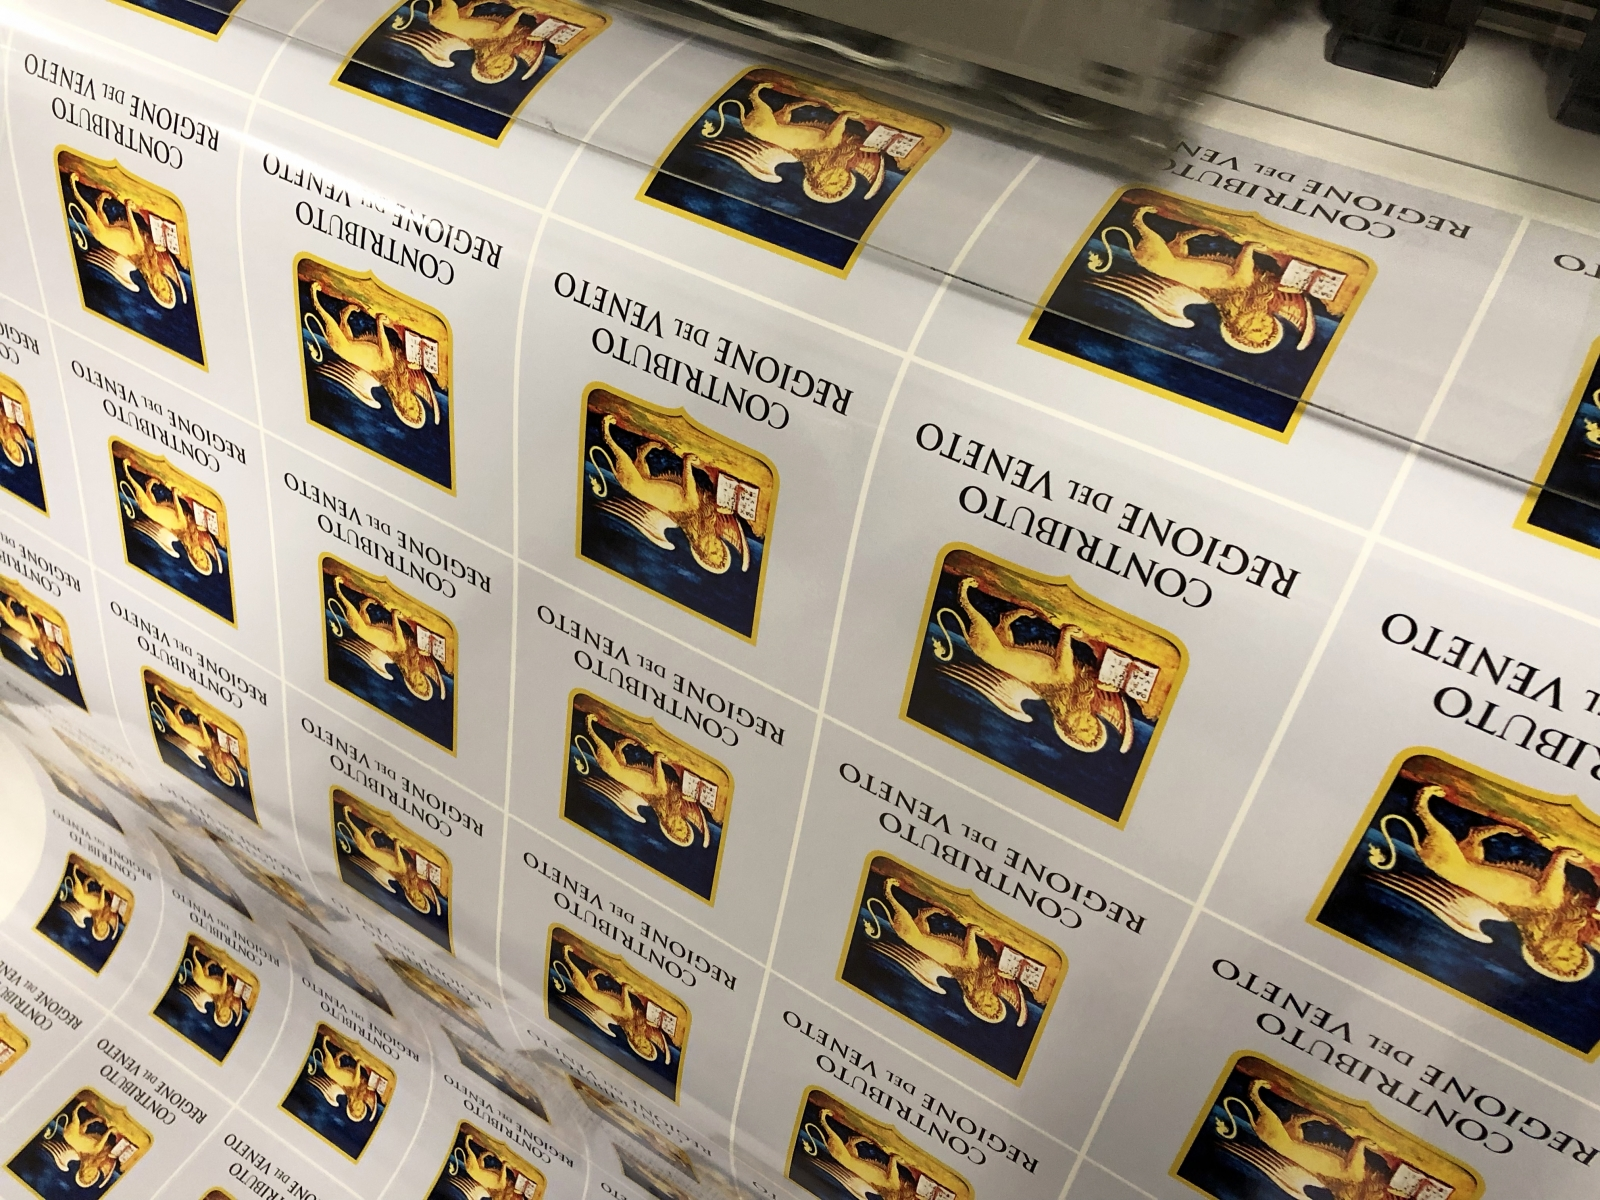 Stampa etichette adesive Venezia